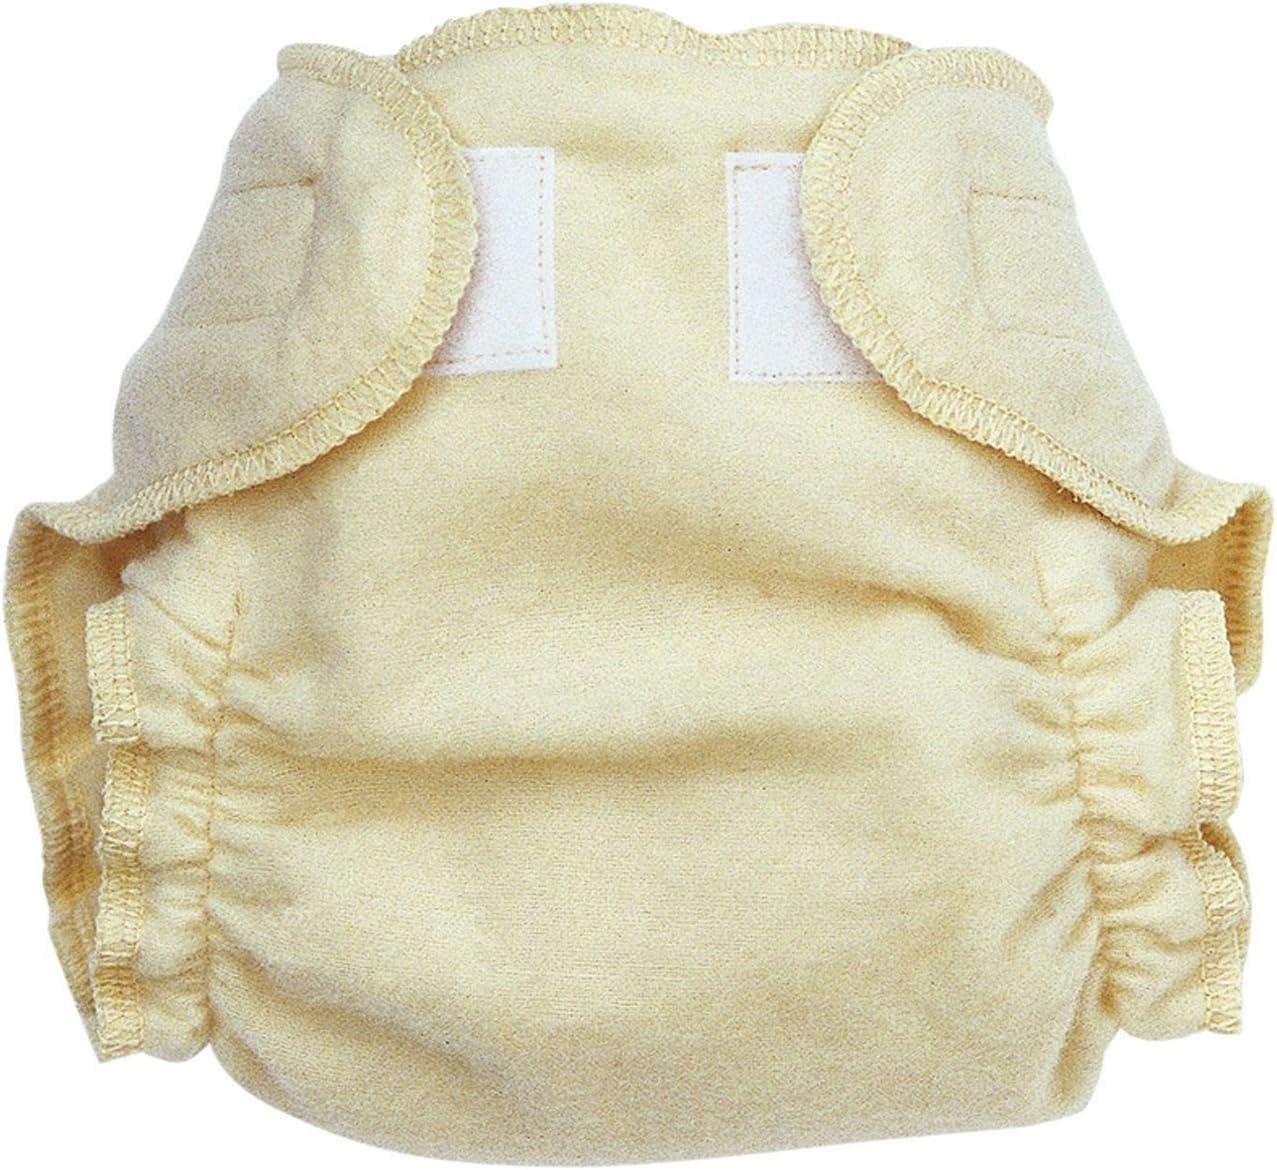 Bio Disana Couche culotte coton